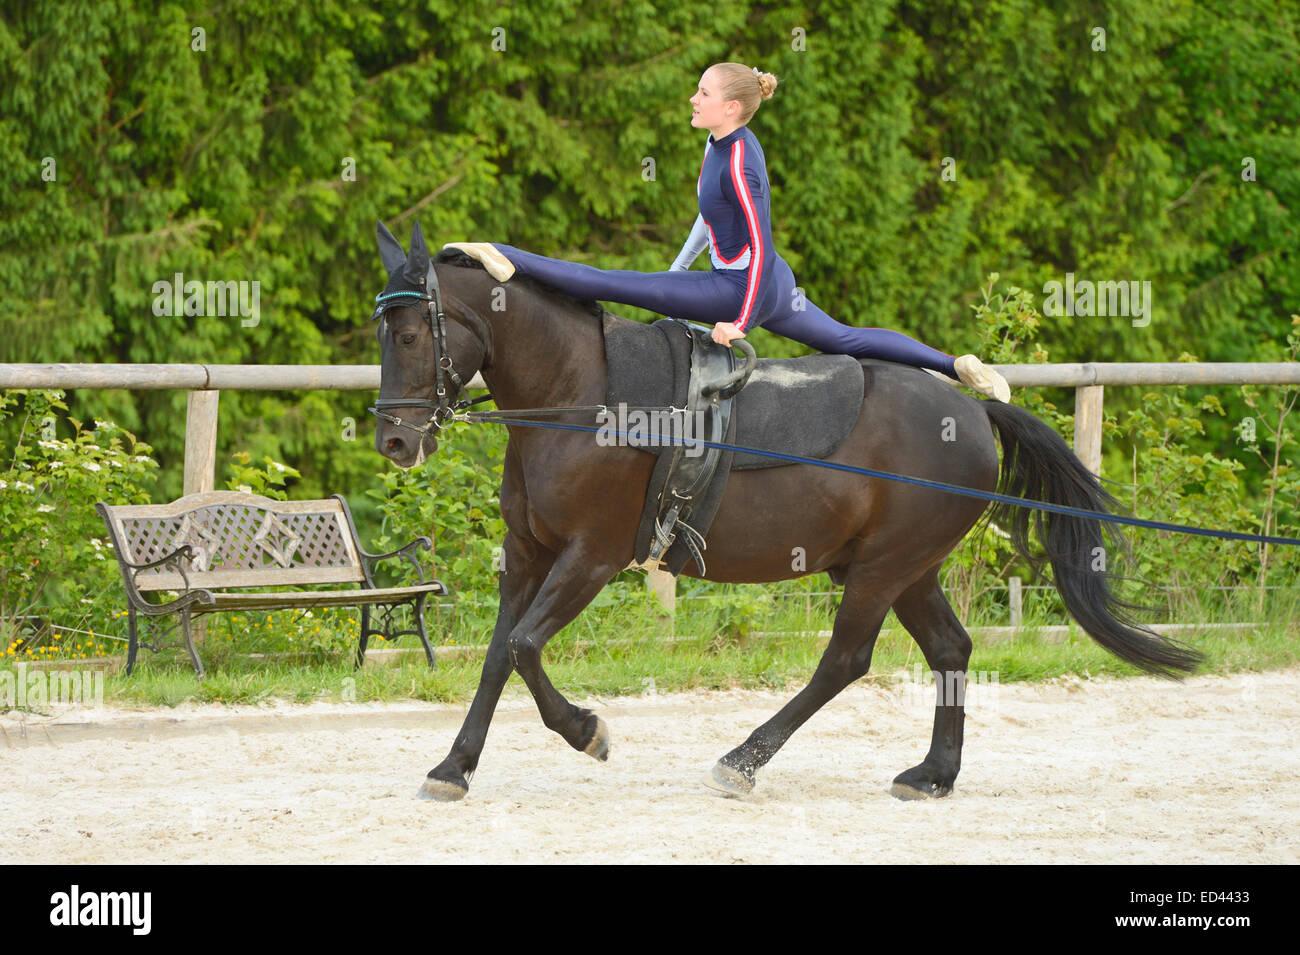 Vaulting, splits on horseback - Stock Image